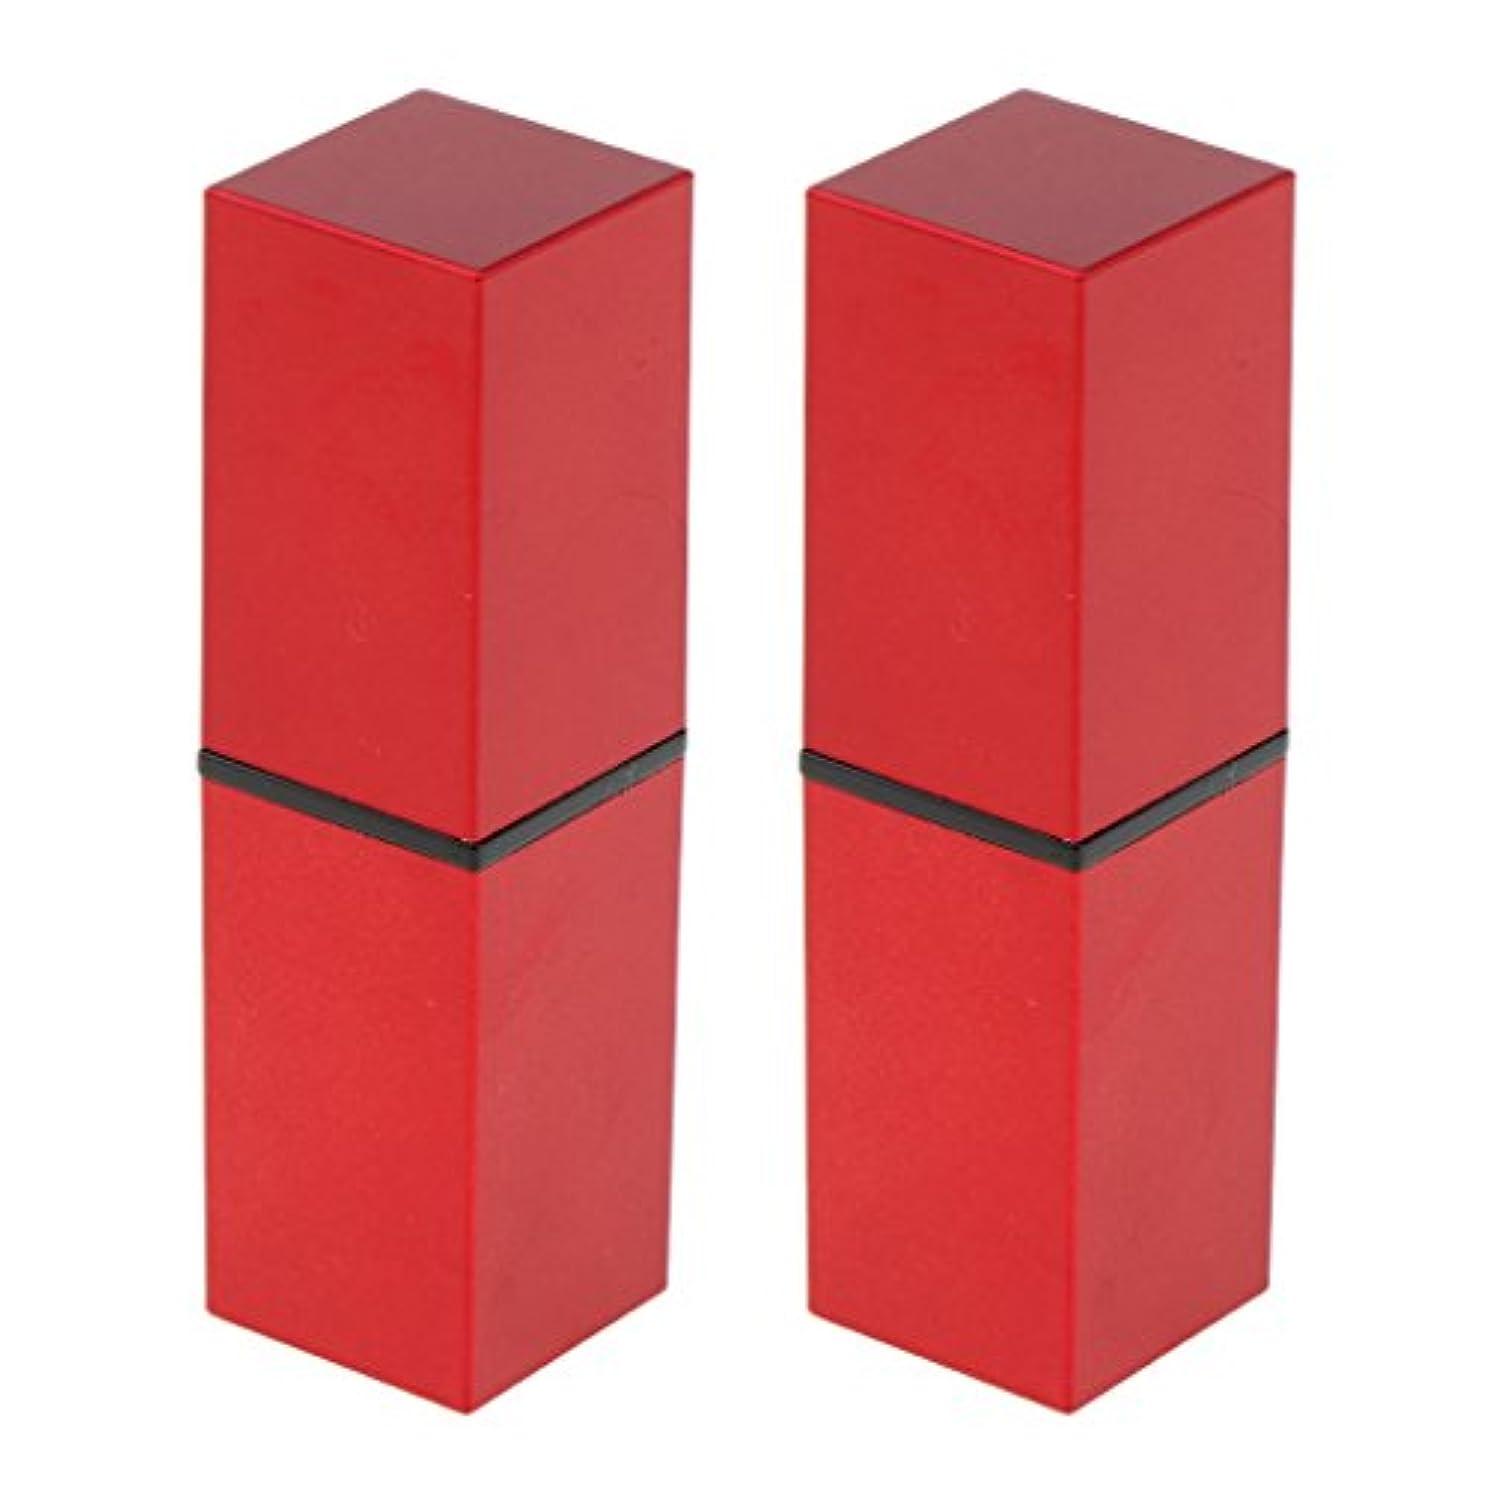 代数治療うめき声Fenteer 2本 リップスティック 口紅 DIY 空チューブ 収納コンテナ リップバーム 12.1MM 口紅チューブ 手作り 全4色 - 赤